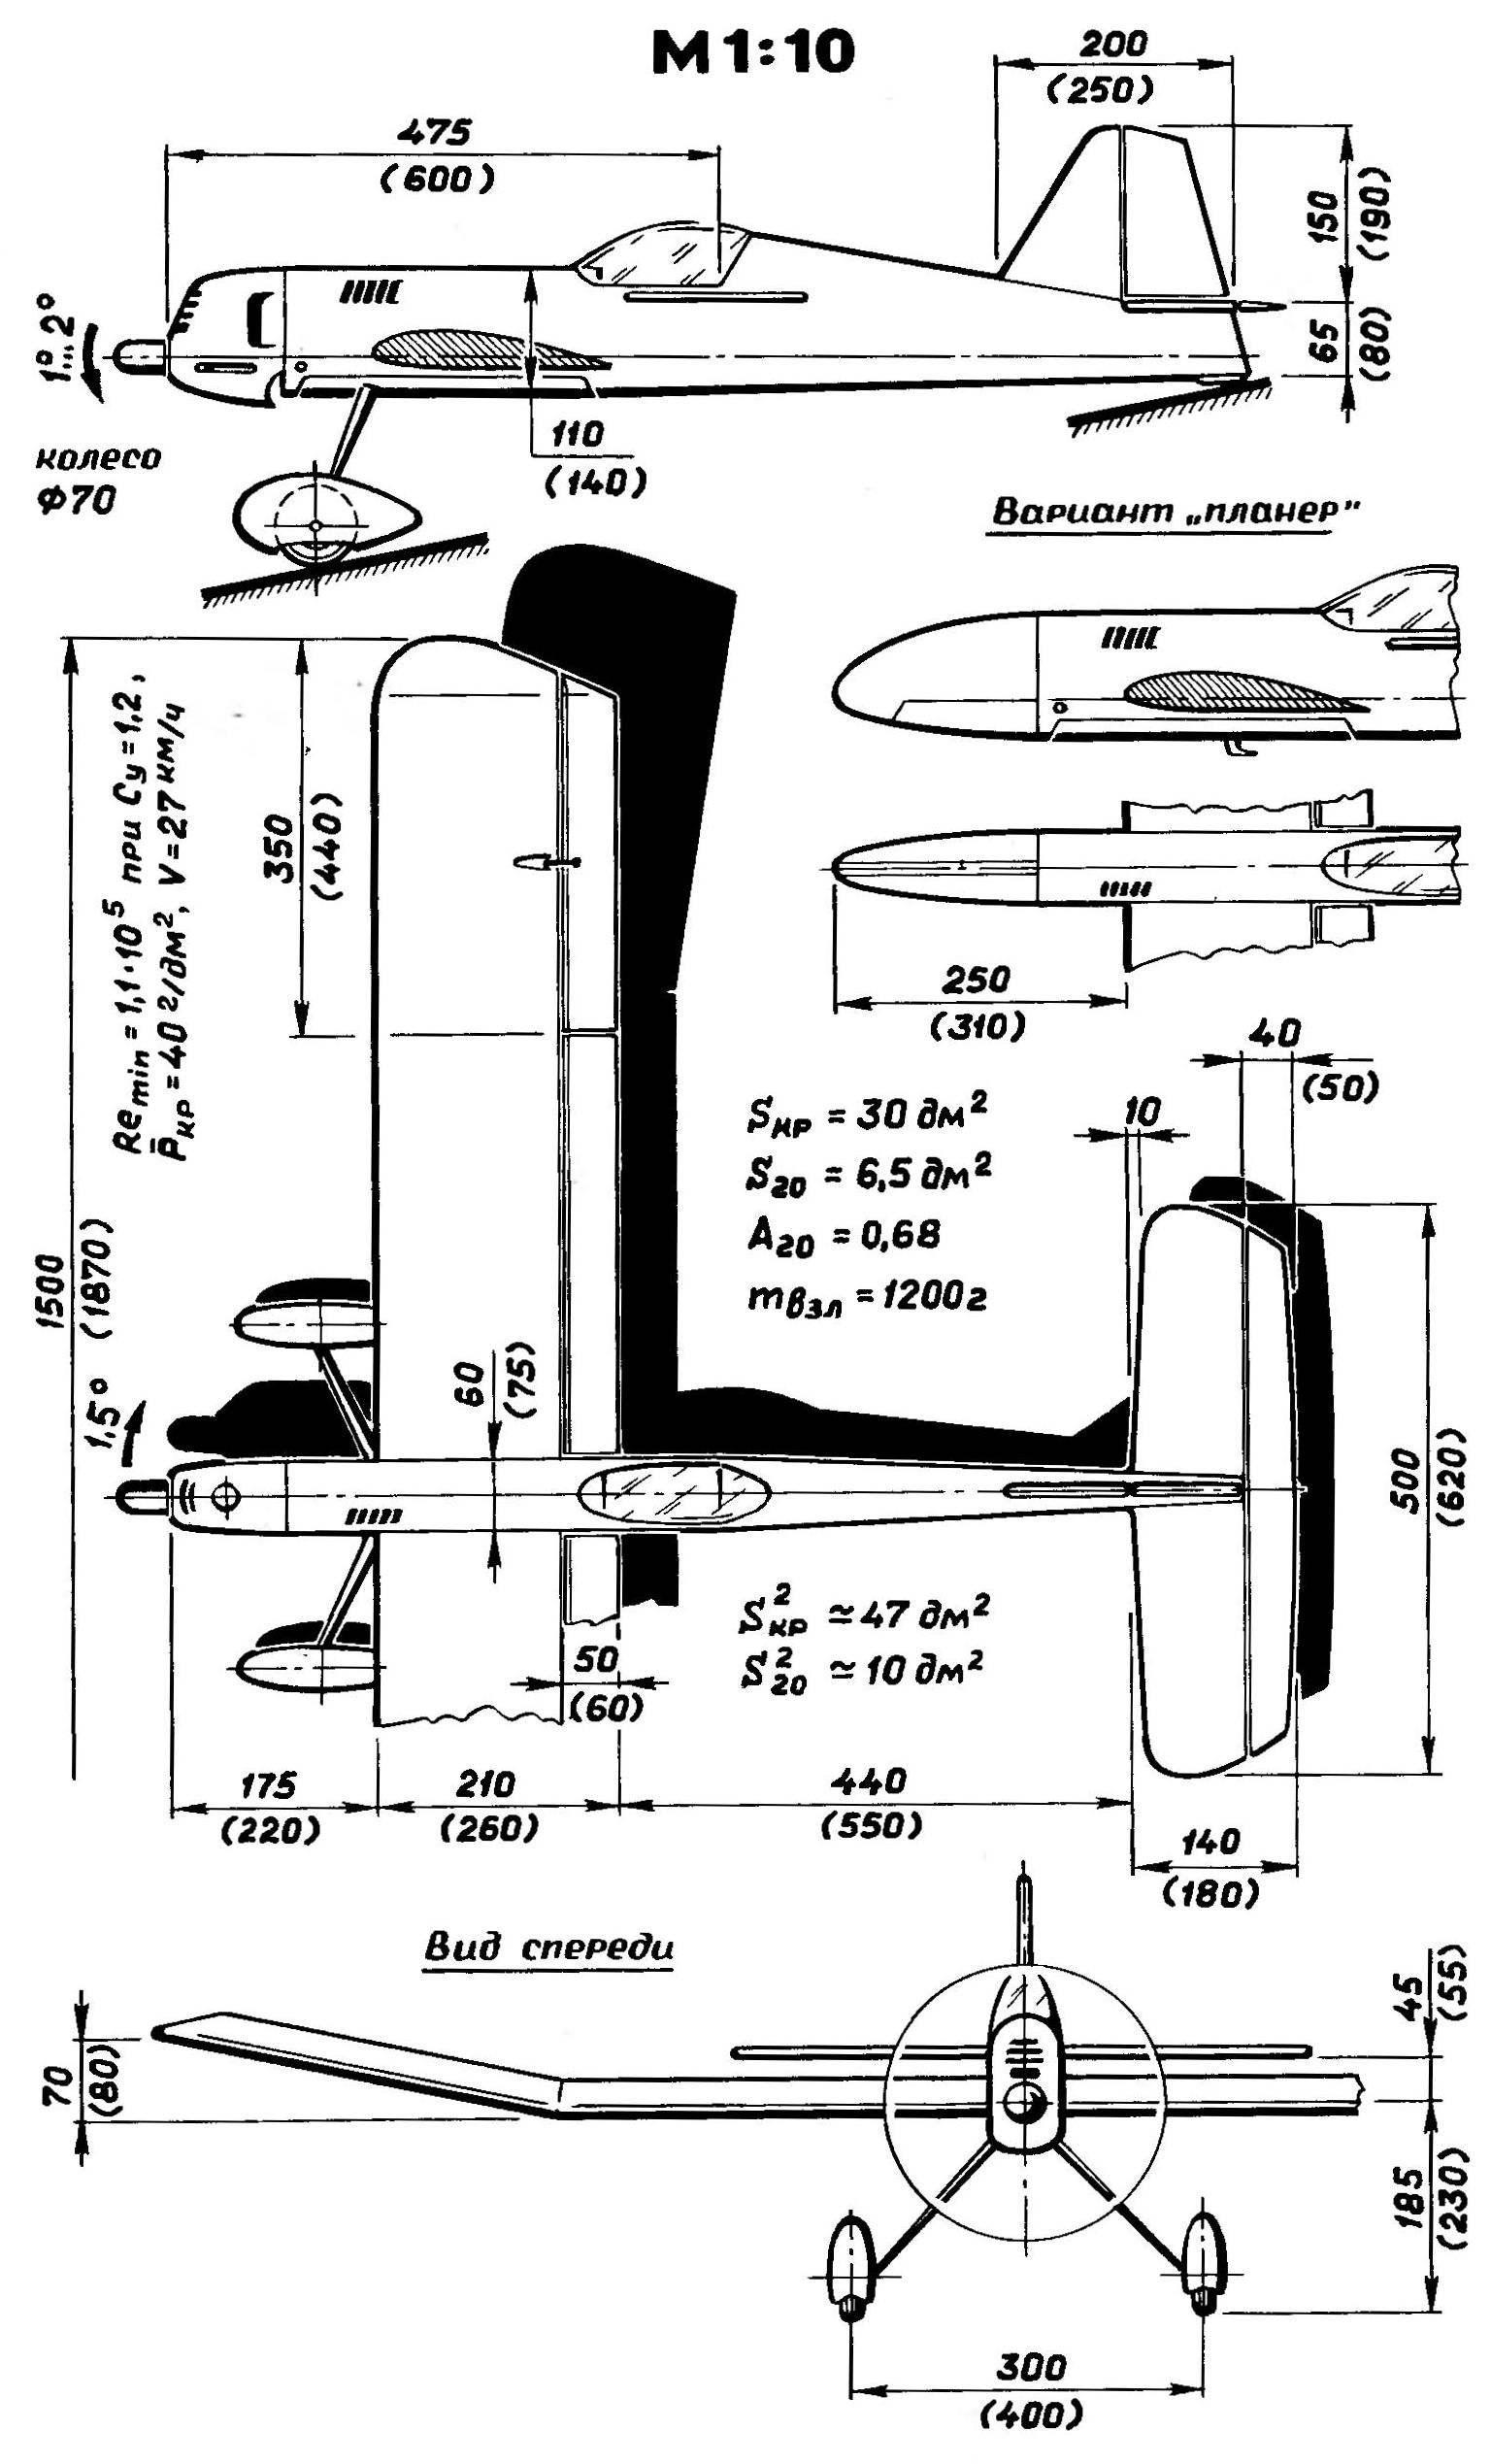 Рис. 1. Основные геометрические параметры модели (в скобках указаны размеры увеличенной модификации, рассчитанной на установку двигателя рабочим объемом до 6,5 см3).